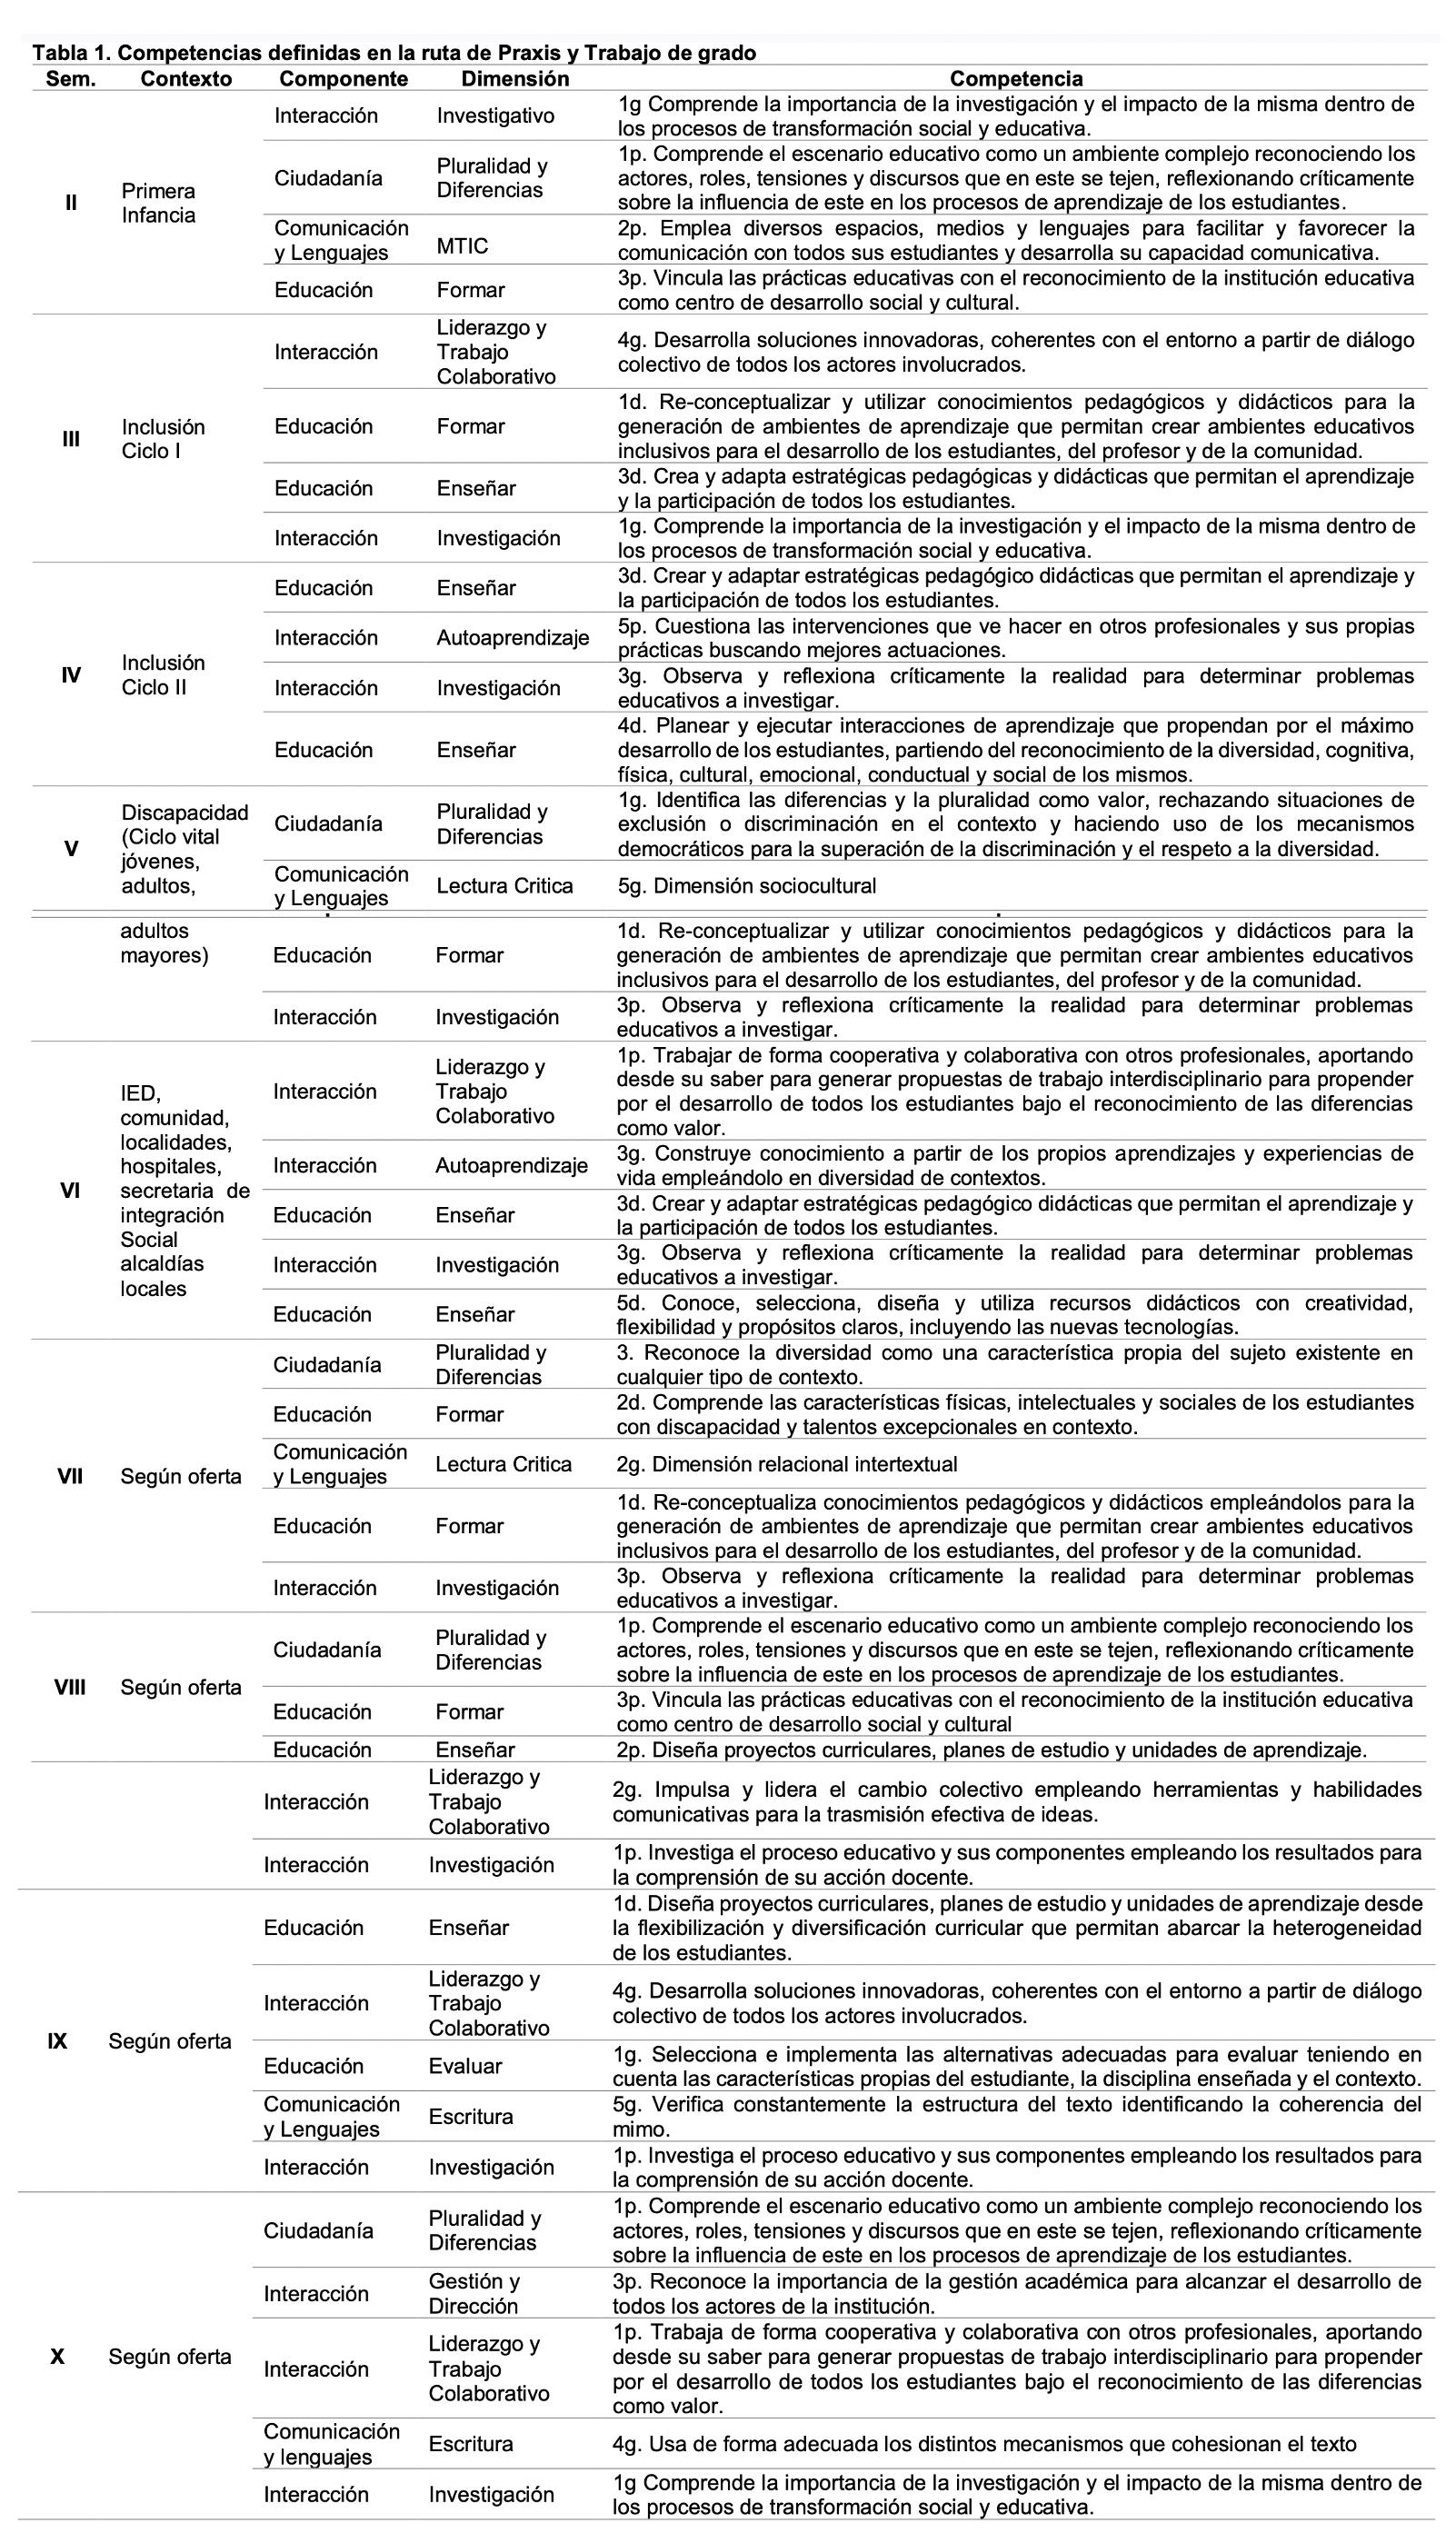 Tabla d competencias definidas en la ruta de praxis y trabajo de grado